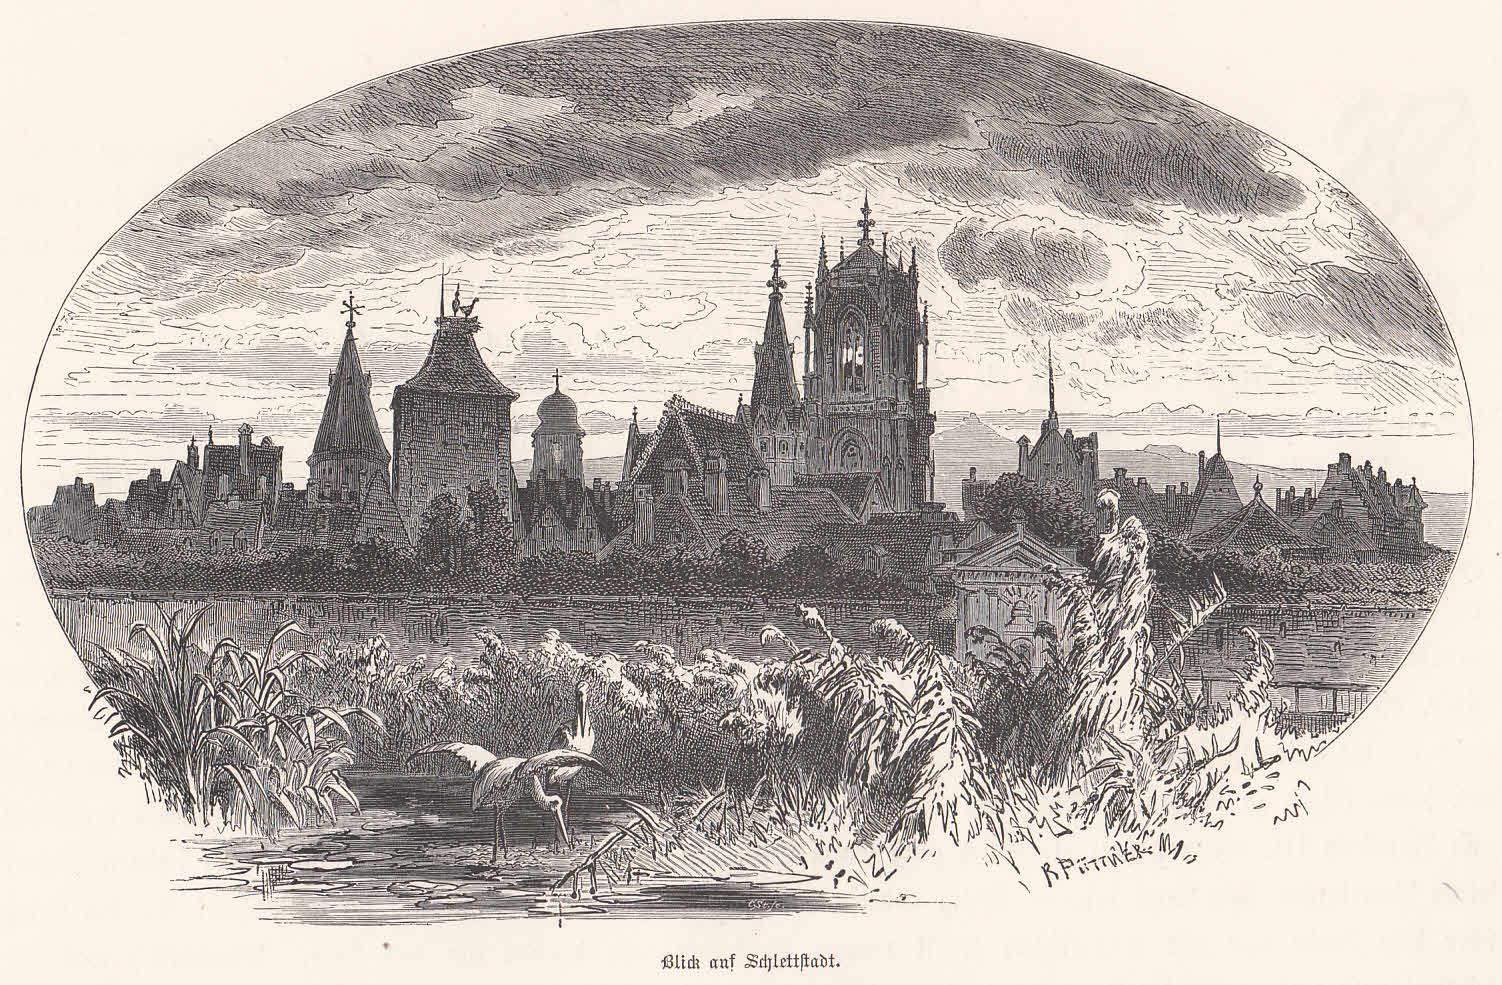 Blick auf Schlettstadt. Ansicht mit einem Storchenpaar: Schlettstadt/Sélestat,